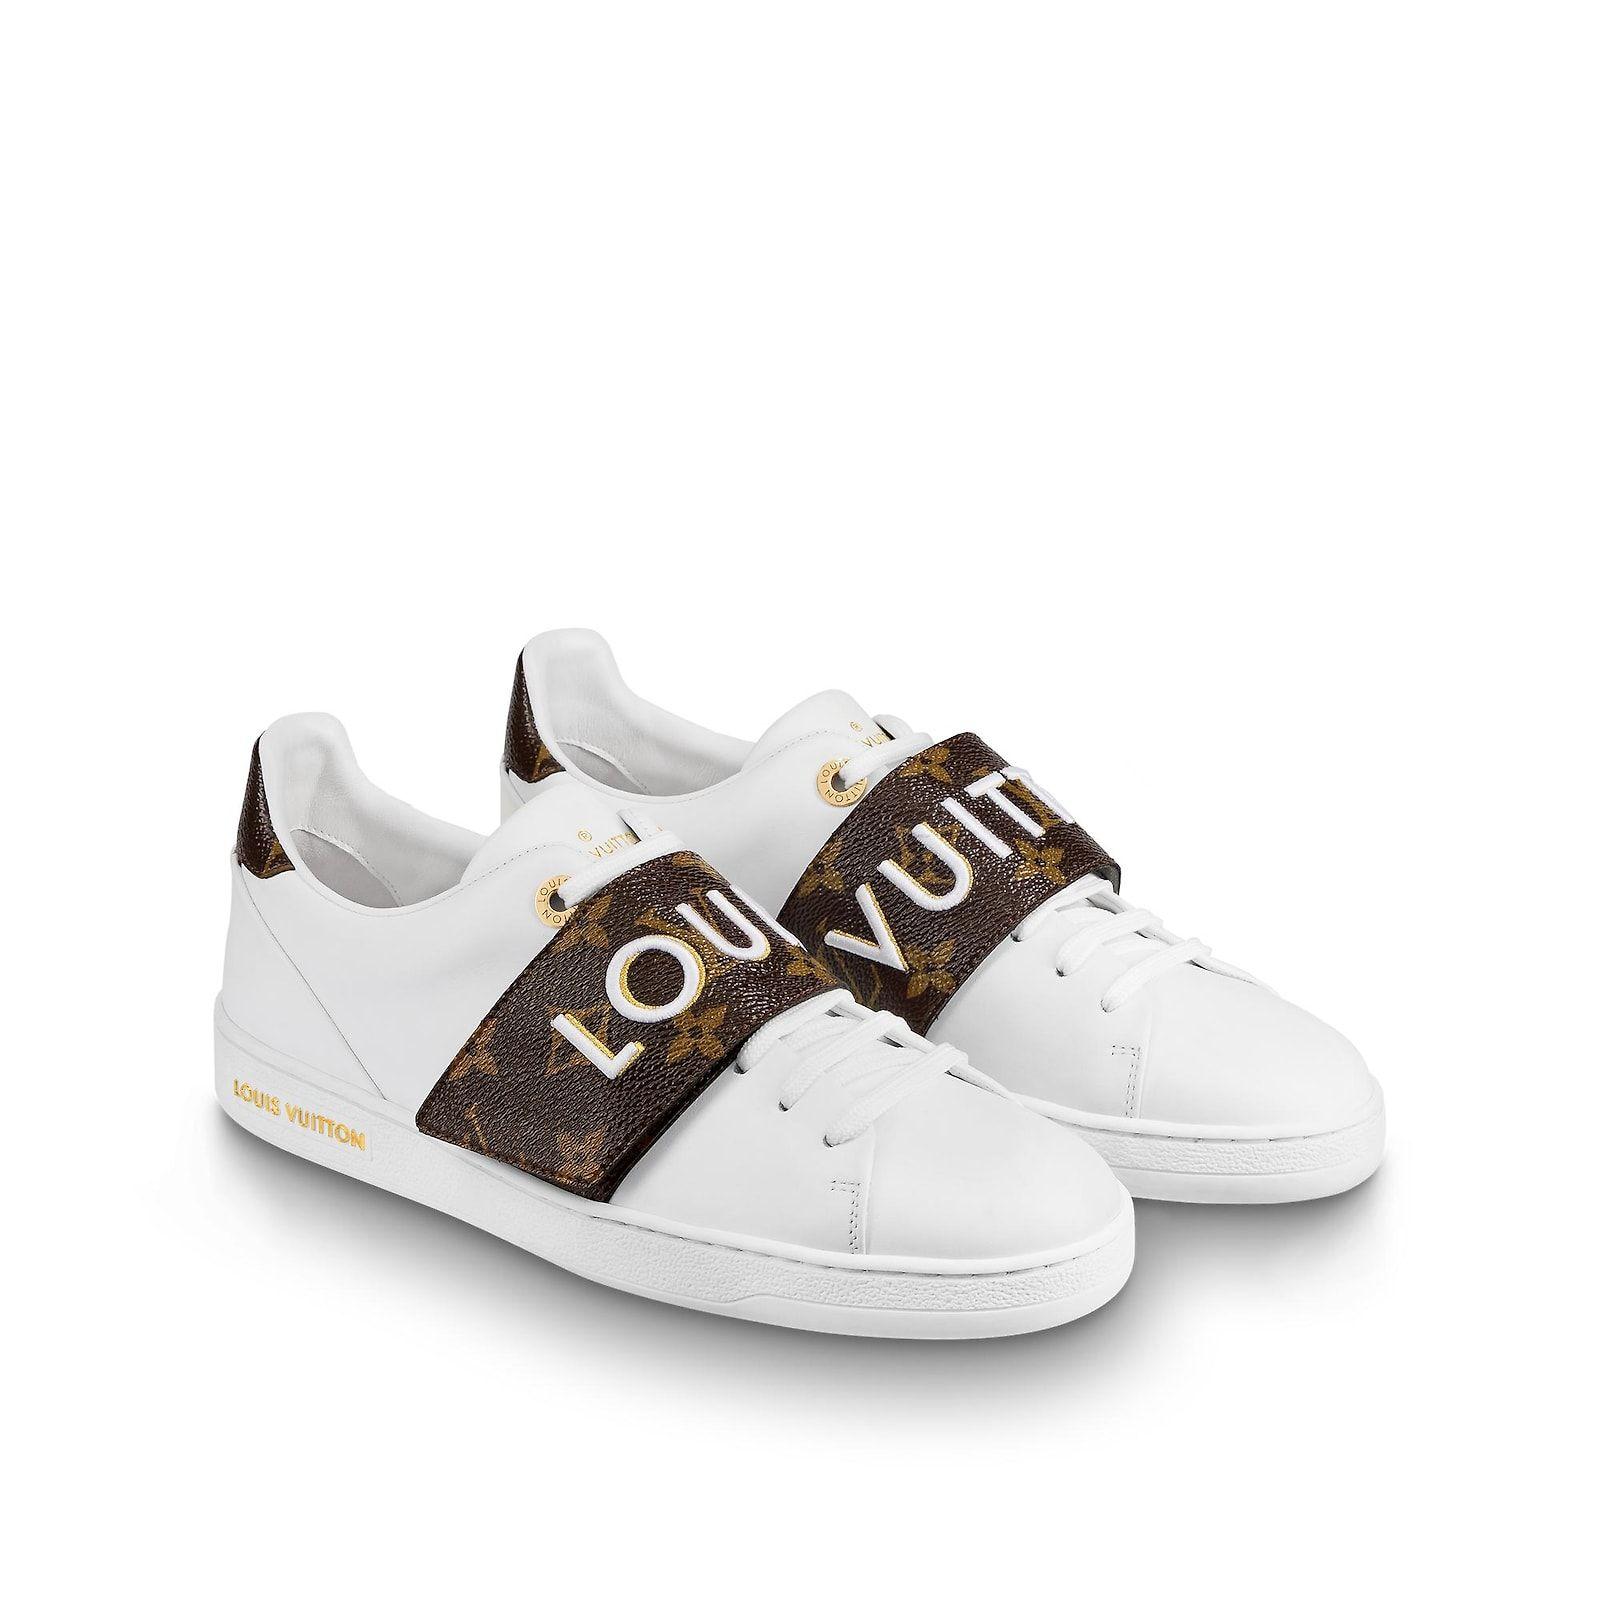 Louis vuitton shoes sneakers, Louis